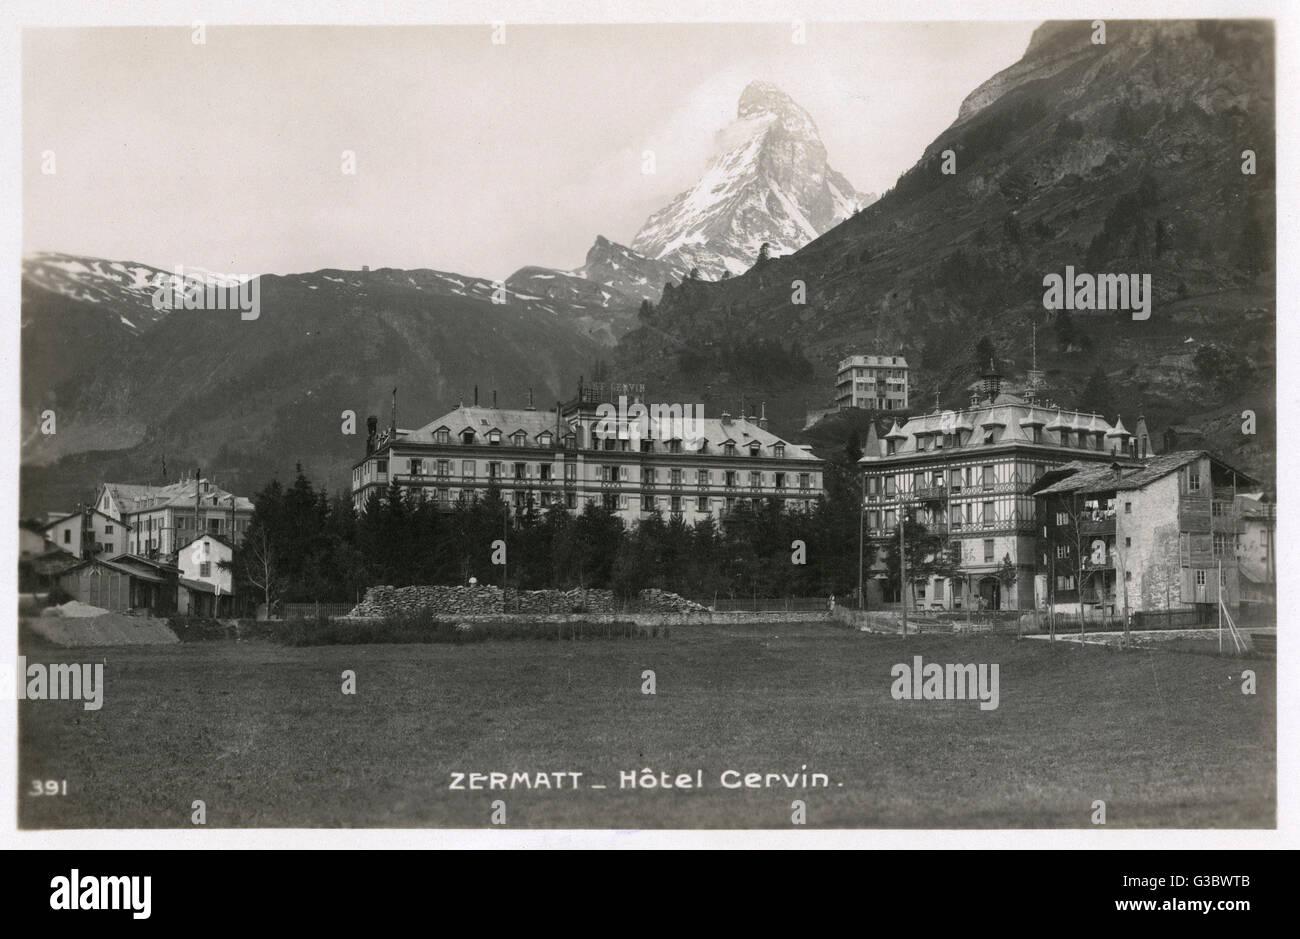 Zermatt - Hotel Cervin - Matterhorn visible in background     Date: 1920s - Stock Image